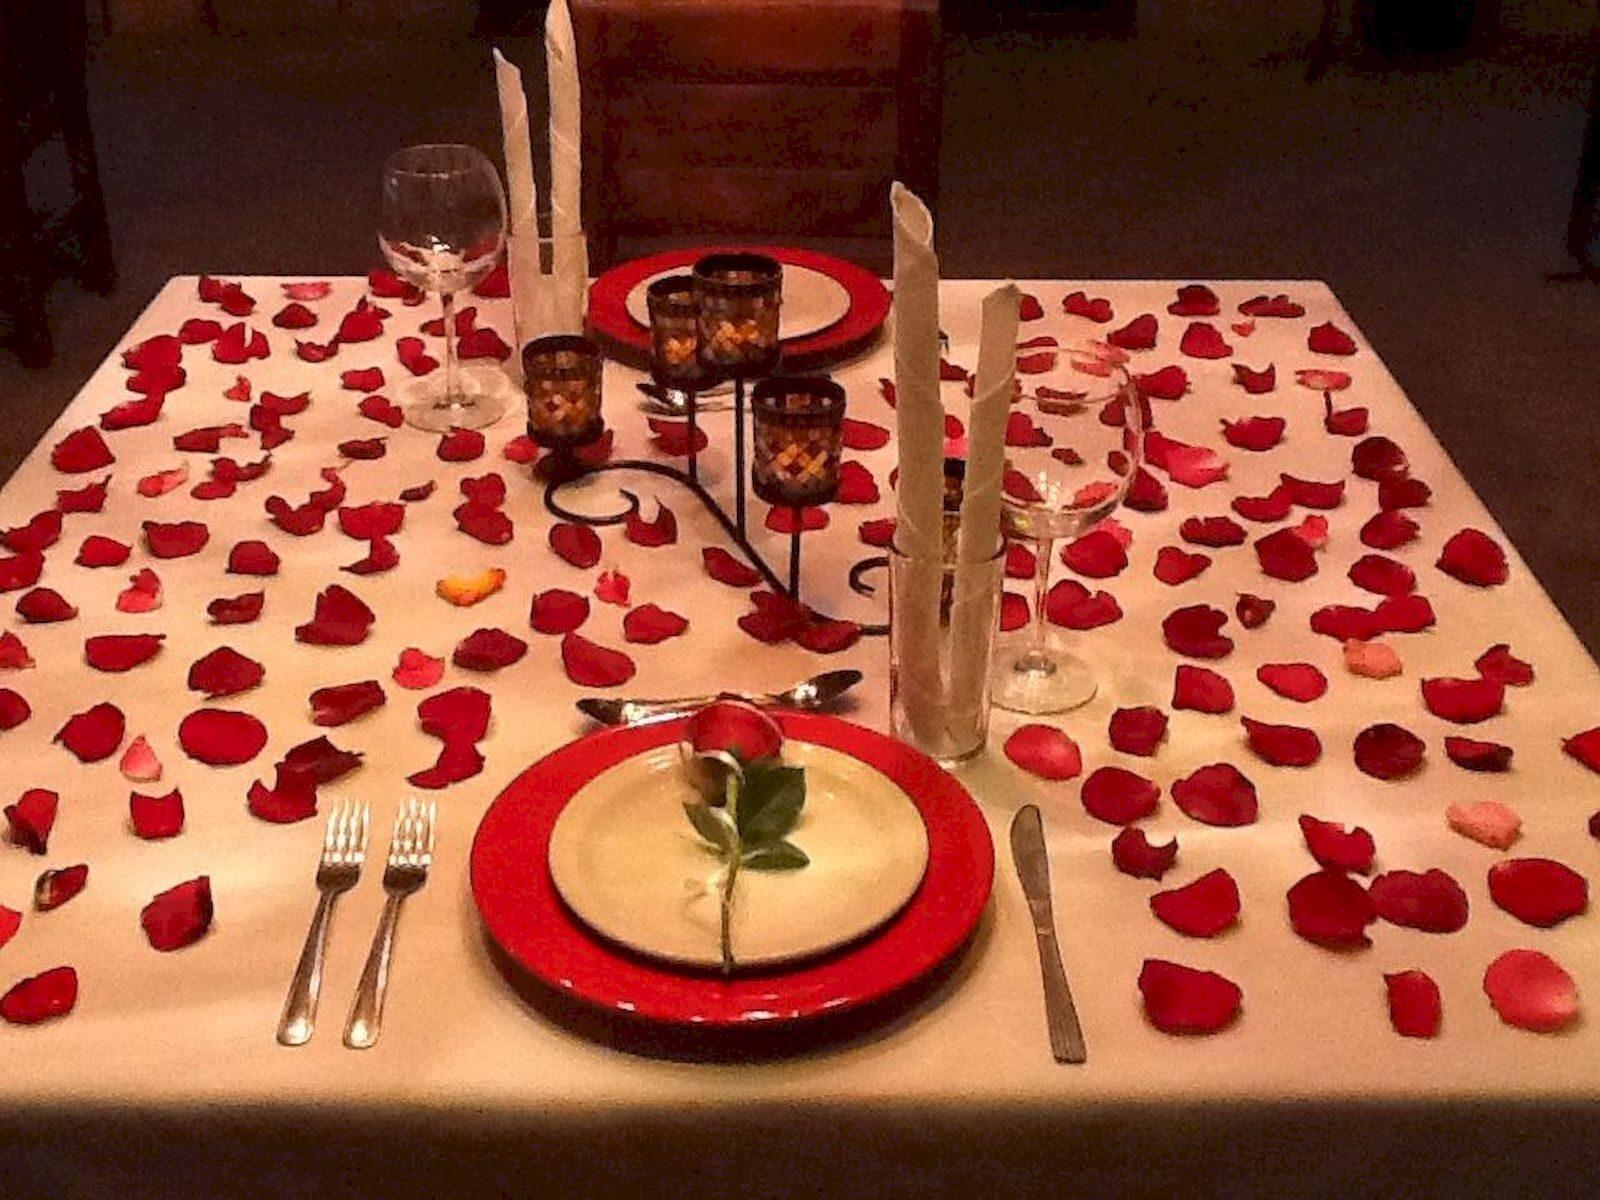 Sevgiliye doğum günü sürprizi fikirleri